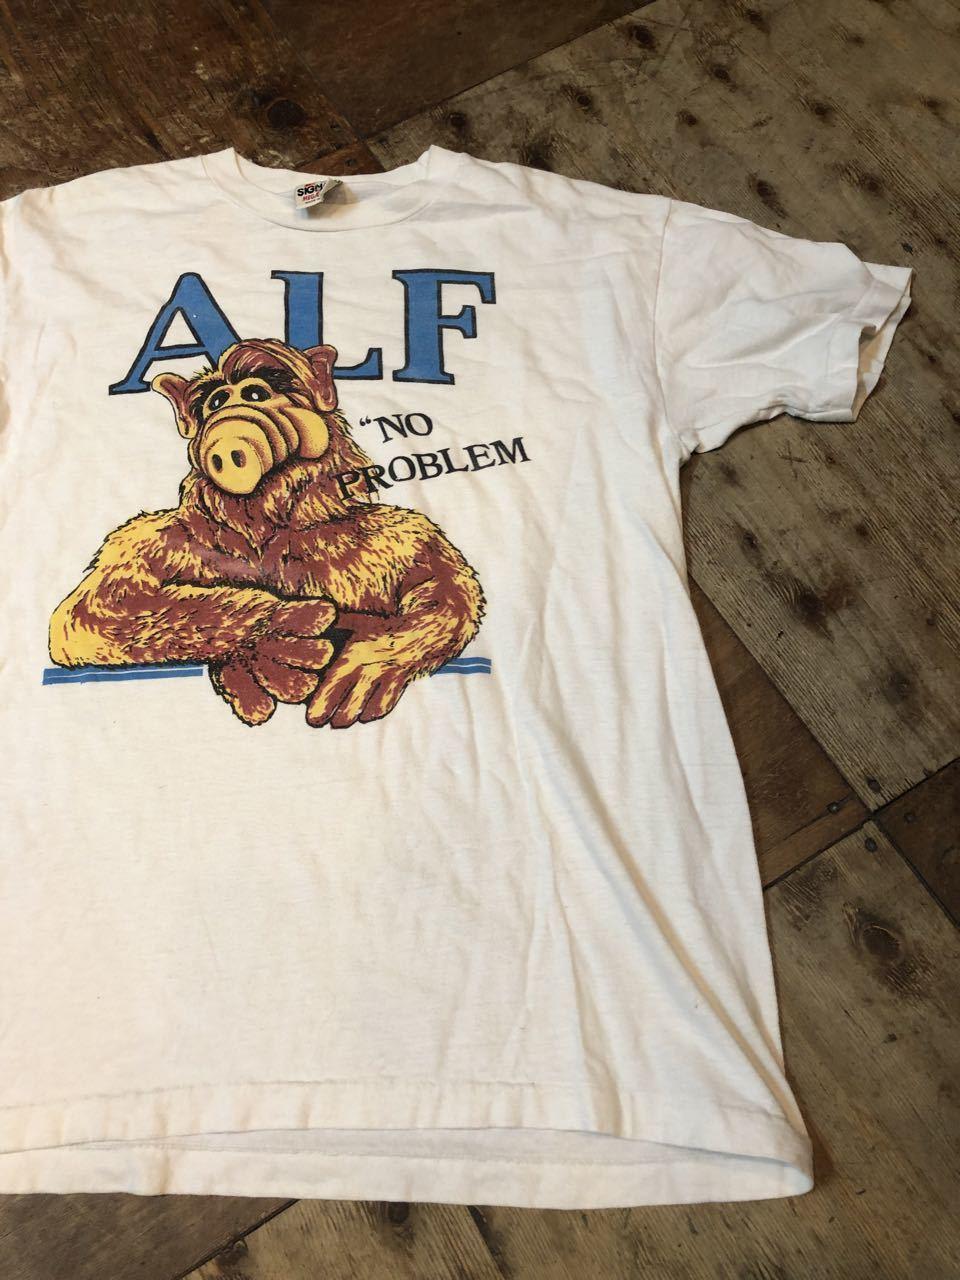 7月26日(土)入荷!80s ALF アルフ  Tシャツ _c0144020_12472759.jpg